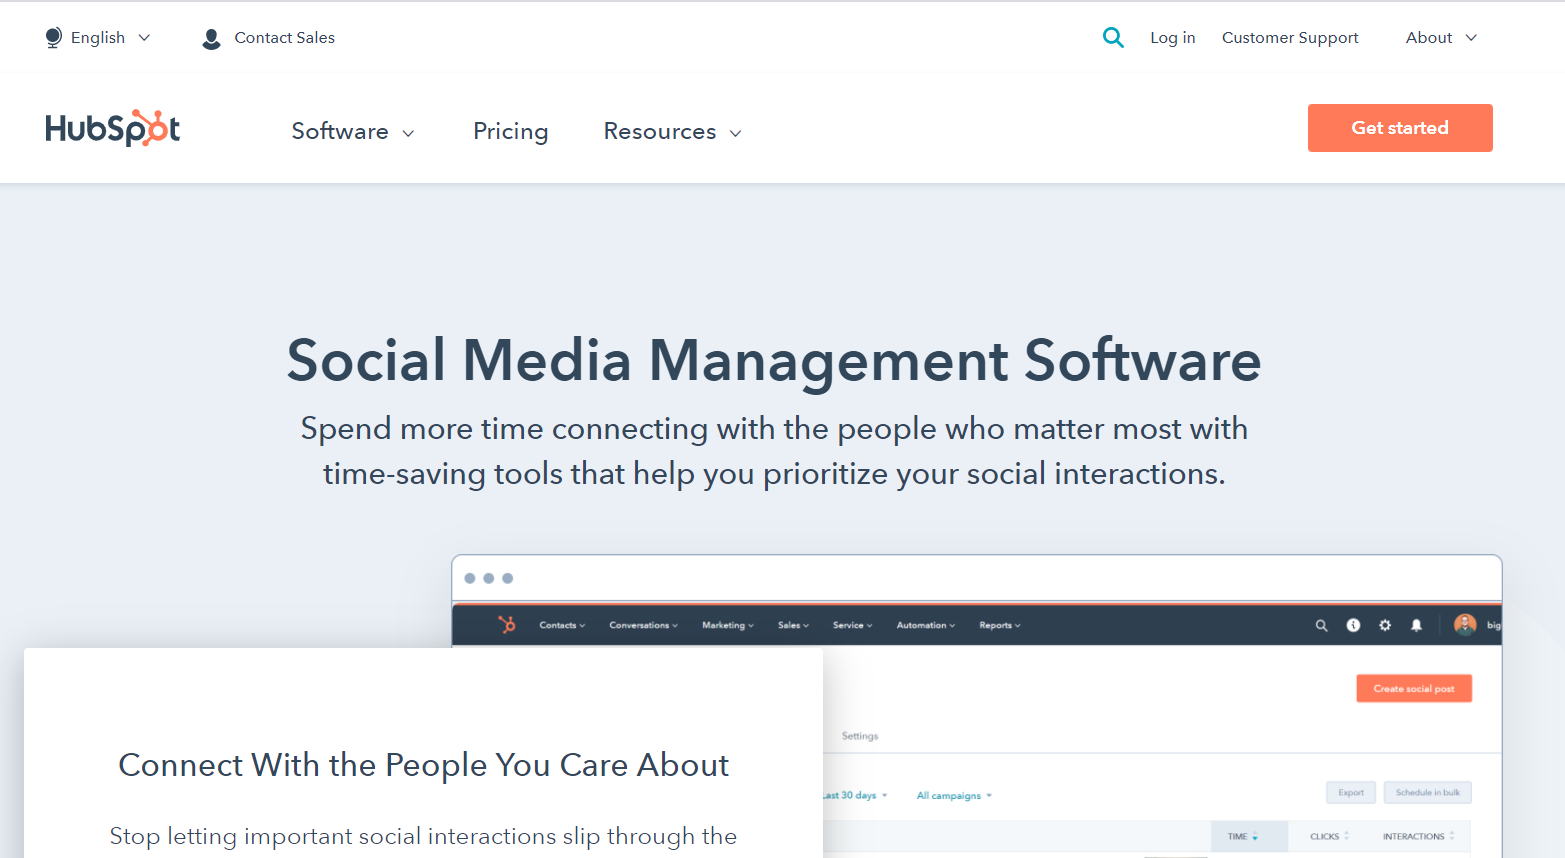 HubSpot-social-media-marketing-tools